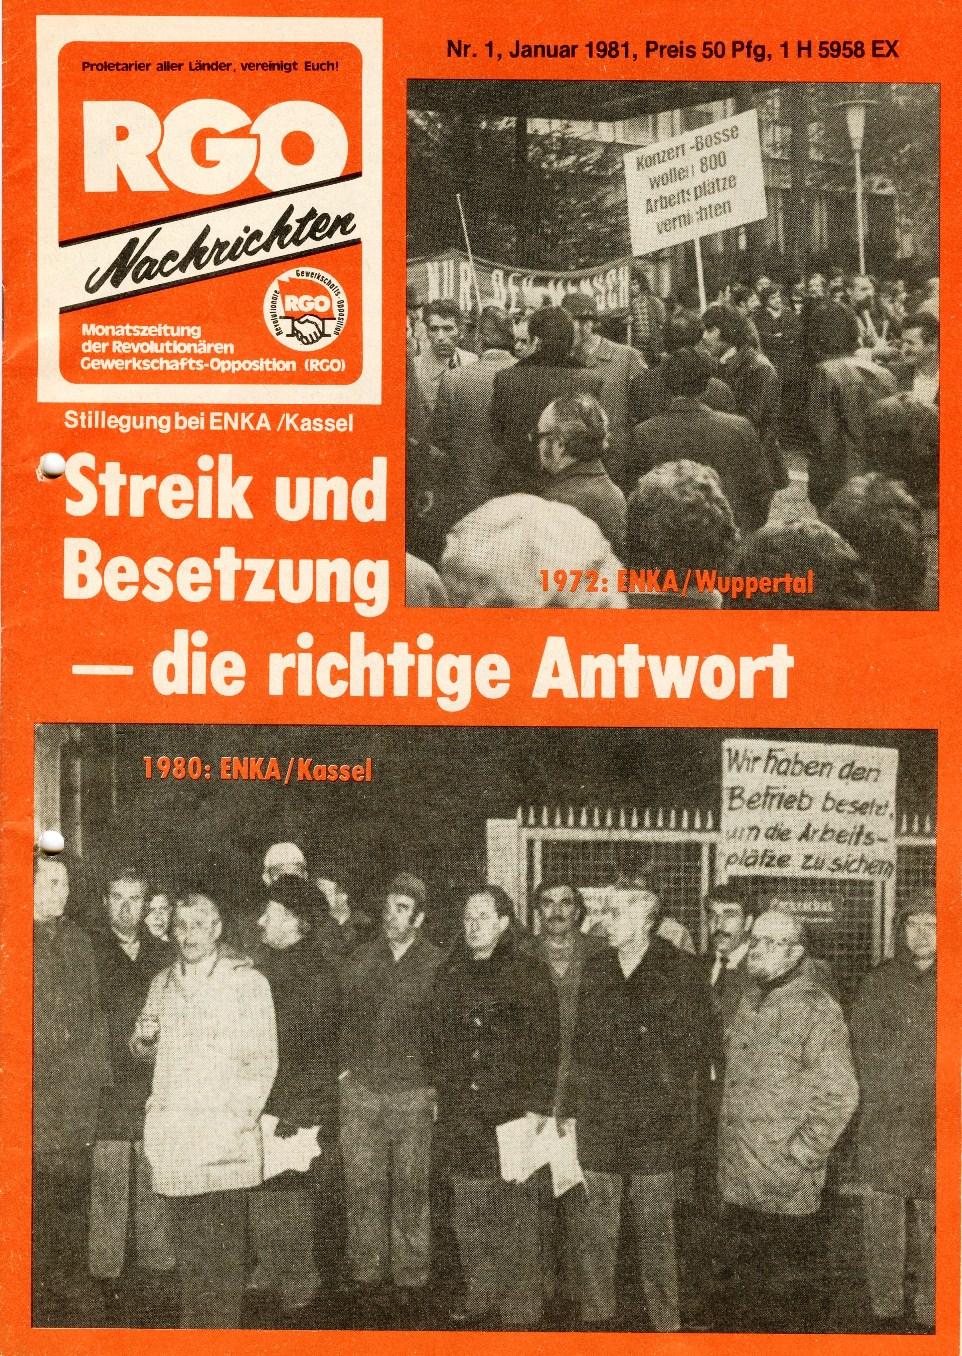 RGO_RGO_Nachrichten_1981_01_01